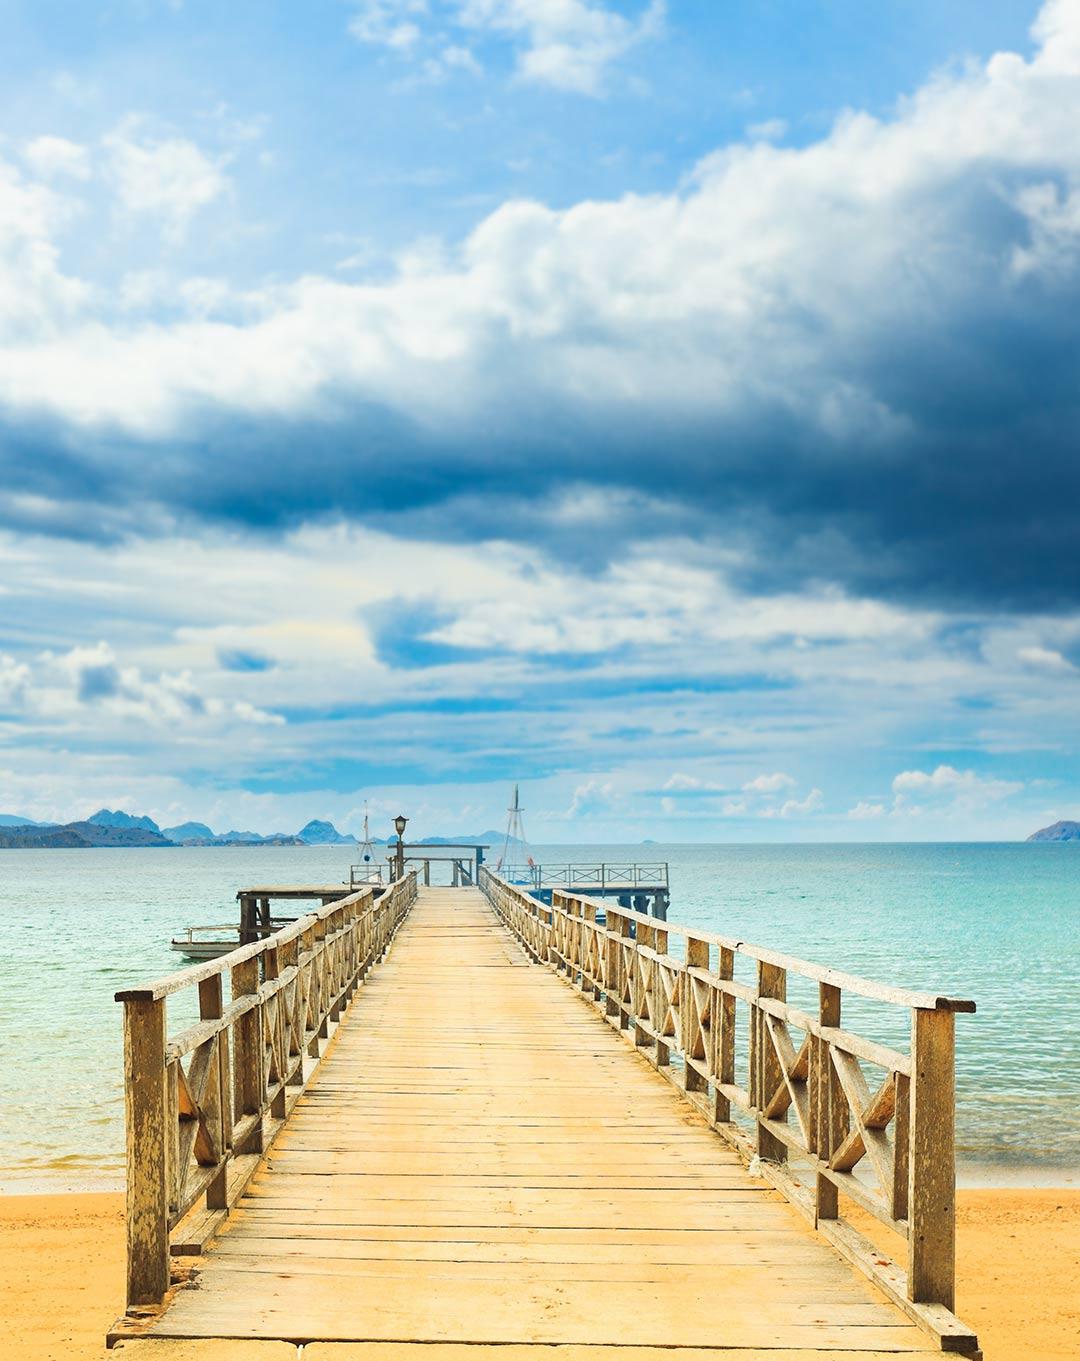 Sebayur Islands Sebayur Besar Sebayur Kecil